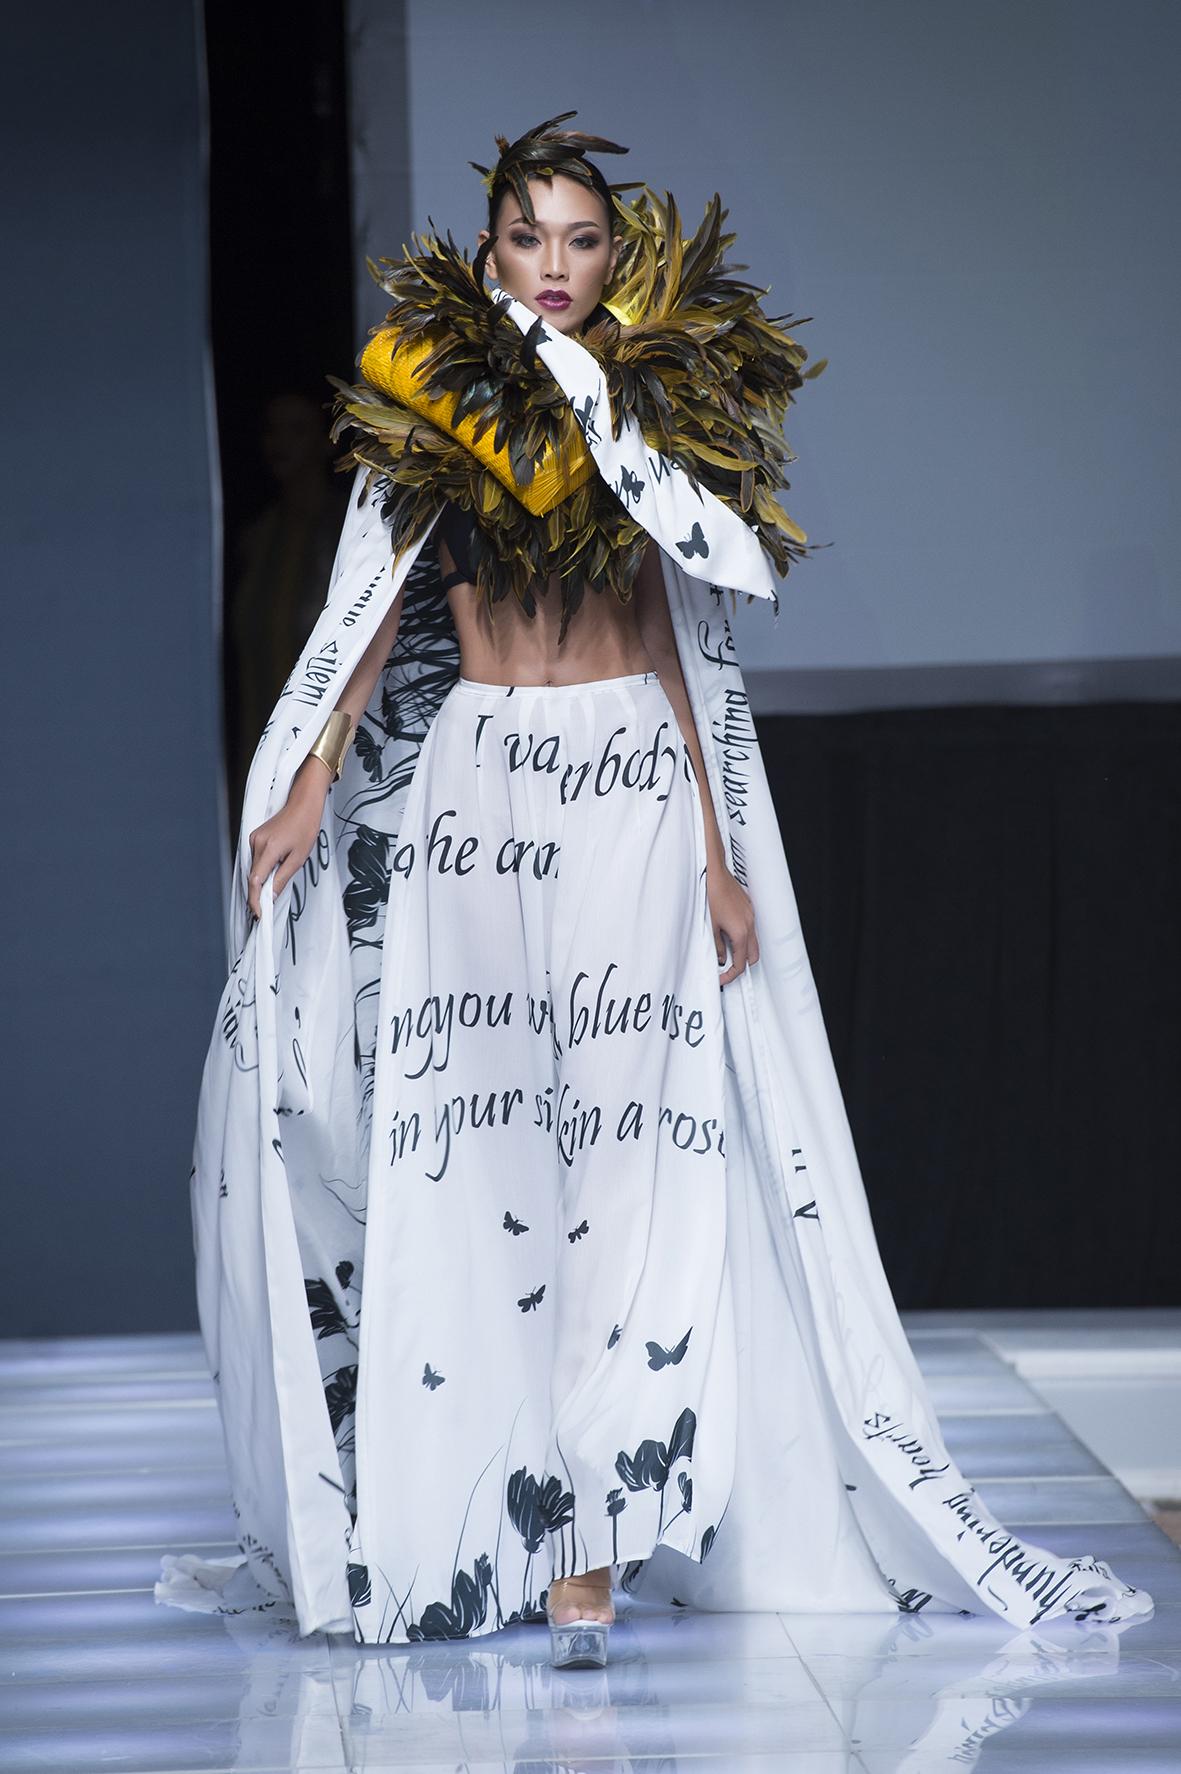 Hình ảnh Ngọc Tình - Diệu Huyền bất ngờ được chọn làm vơ đét ở tuần lễ Couture New York Fashion số 3